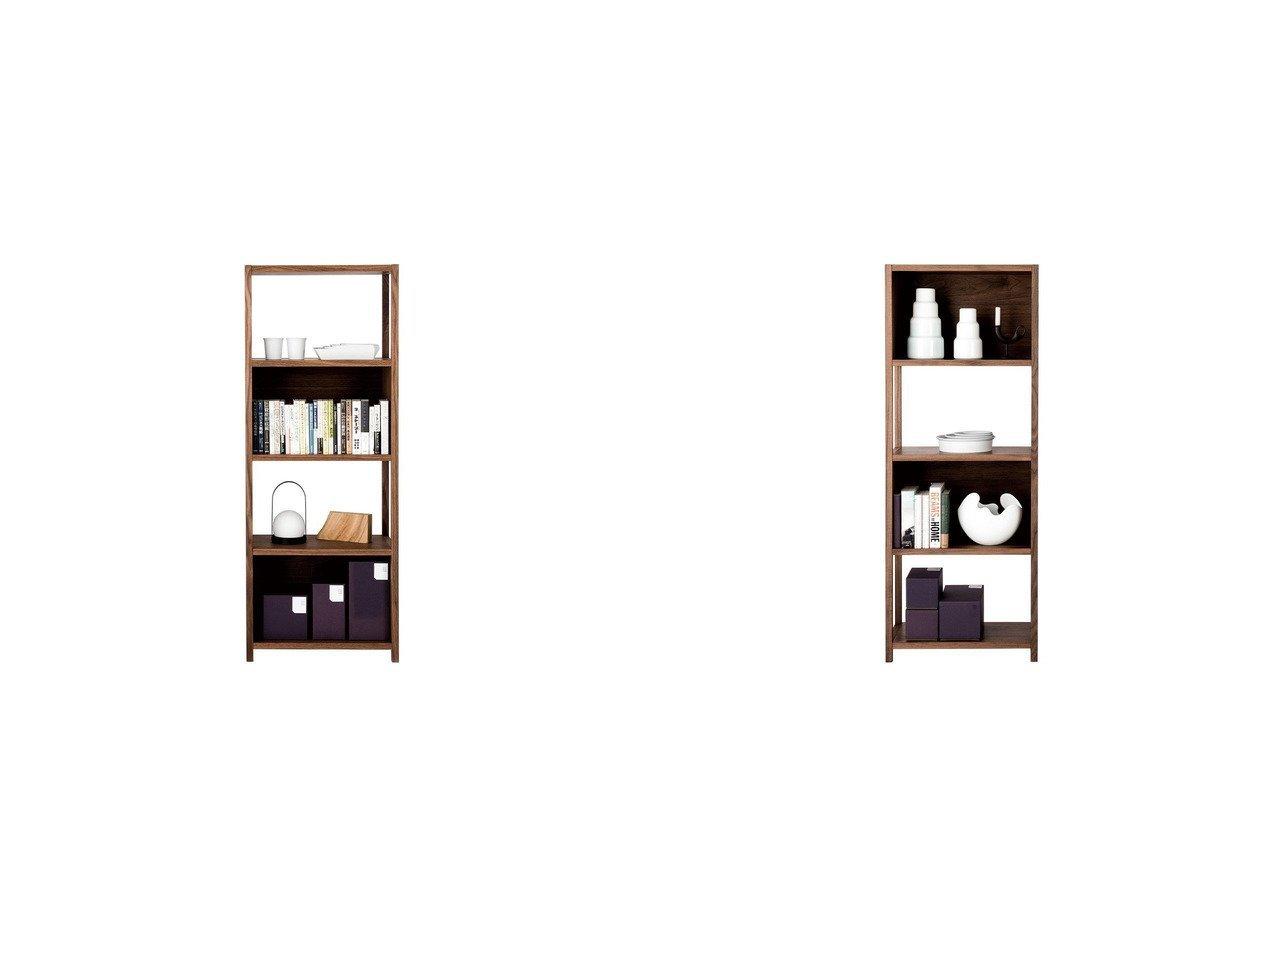 【FLYMEe vert/フライミー ヴェール】のシェルフ #103995&シェルフ #103996 【FURNITURE】おすすめ!人気、インテリア雑貨・家具の通販 おすすめで人気の流行・トレンド、ファッションの通販商品 インテリア・家具・メンズファッション・キッズファッション・レディースファッション・服の通販 founy(ファニー) https://founy.com/ ホーム・キャンプ・アウトドア Home,Garden,Outdoor,Camping Gear 家具・インテリア Furniture 収納家具・キャビネット Storage Furniture ラック・シェルフ  ID:crp329100000055525